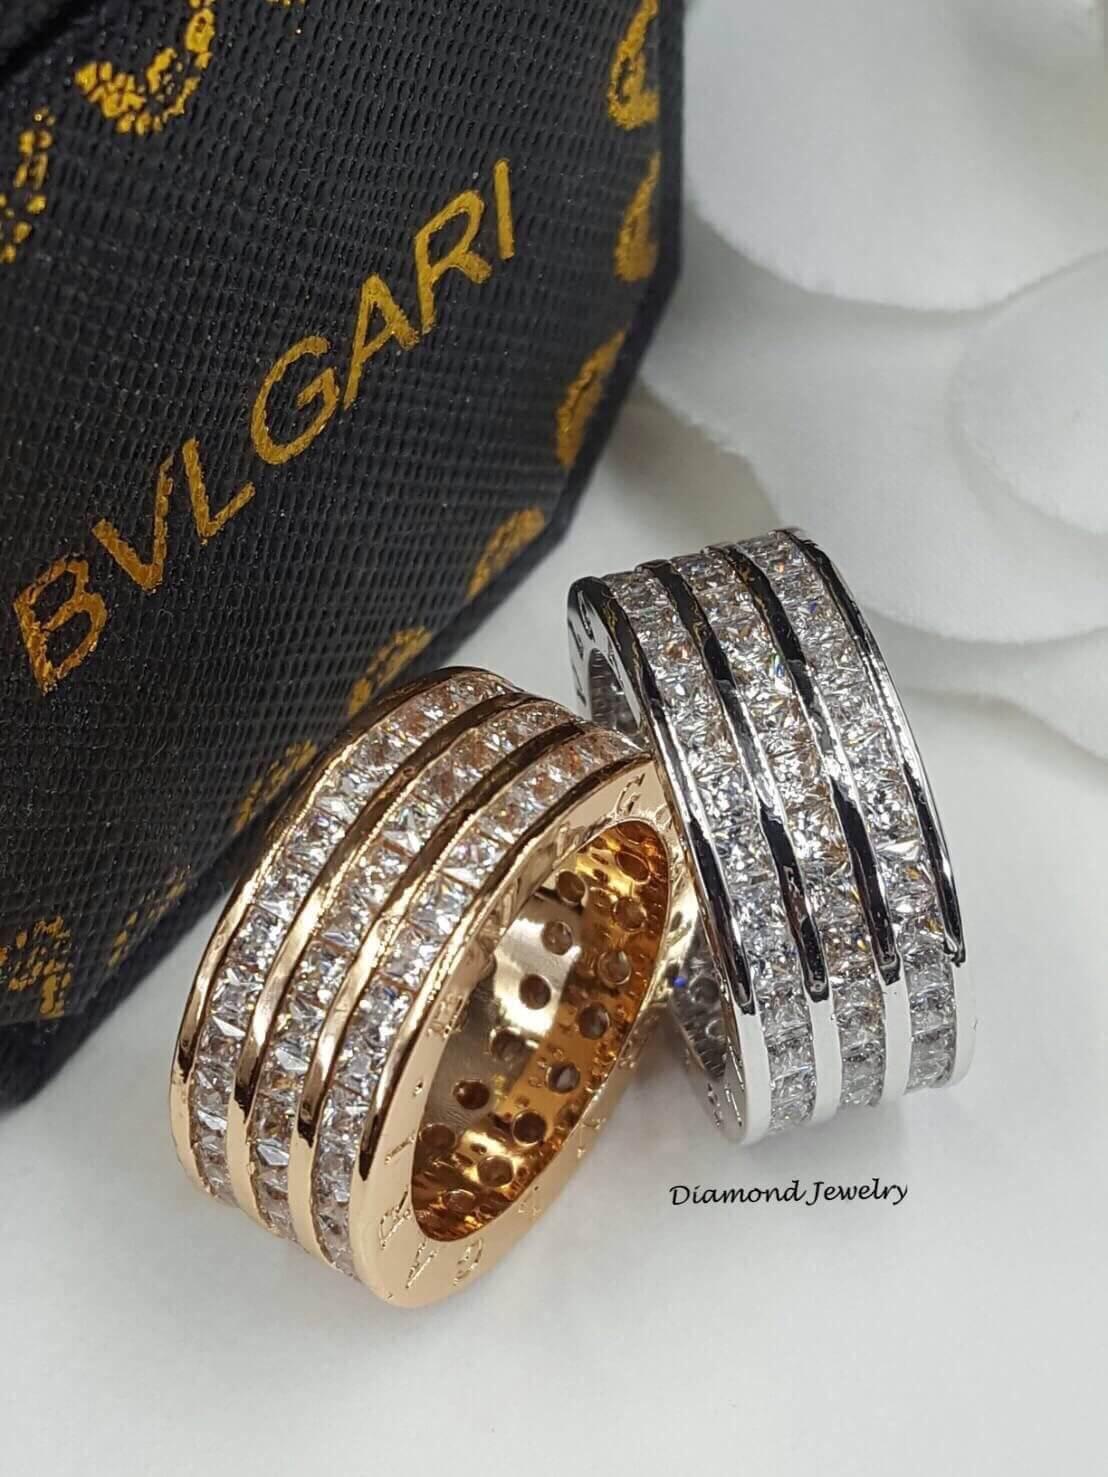 พร้อมส่ง Bvlgari Ring แหวน Bvlgari